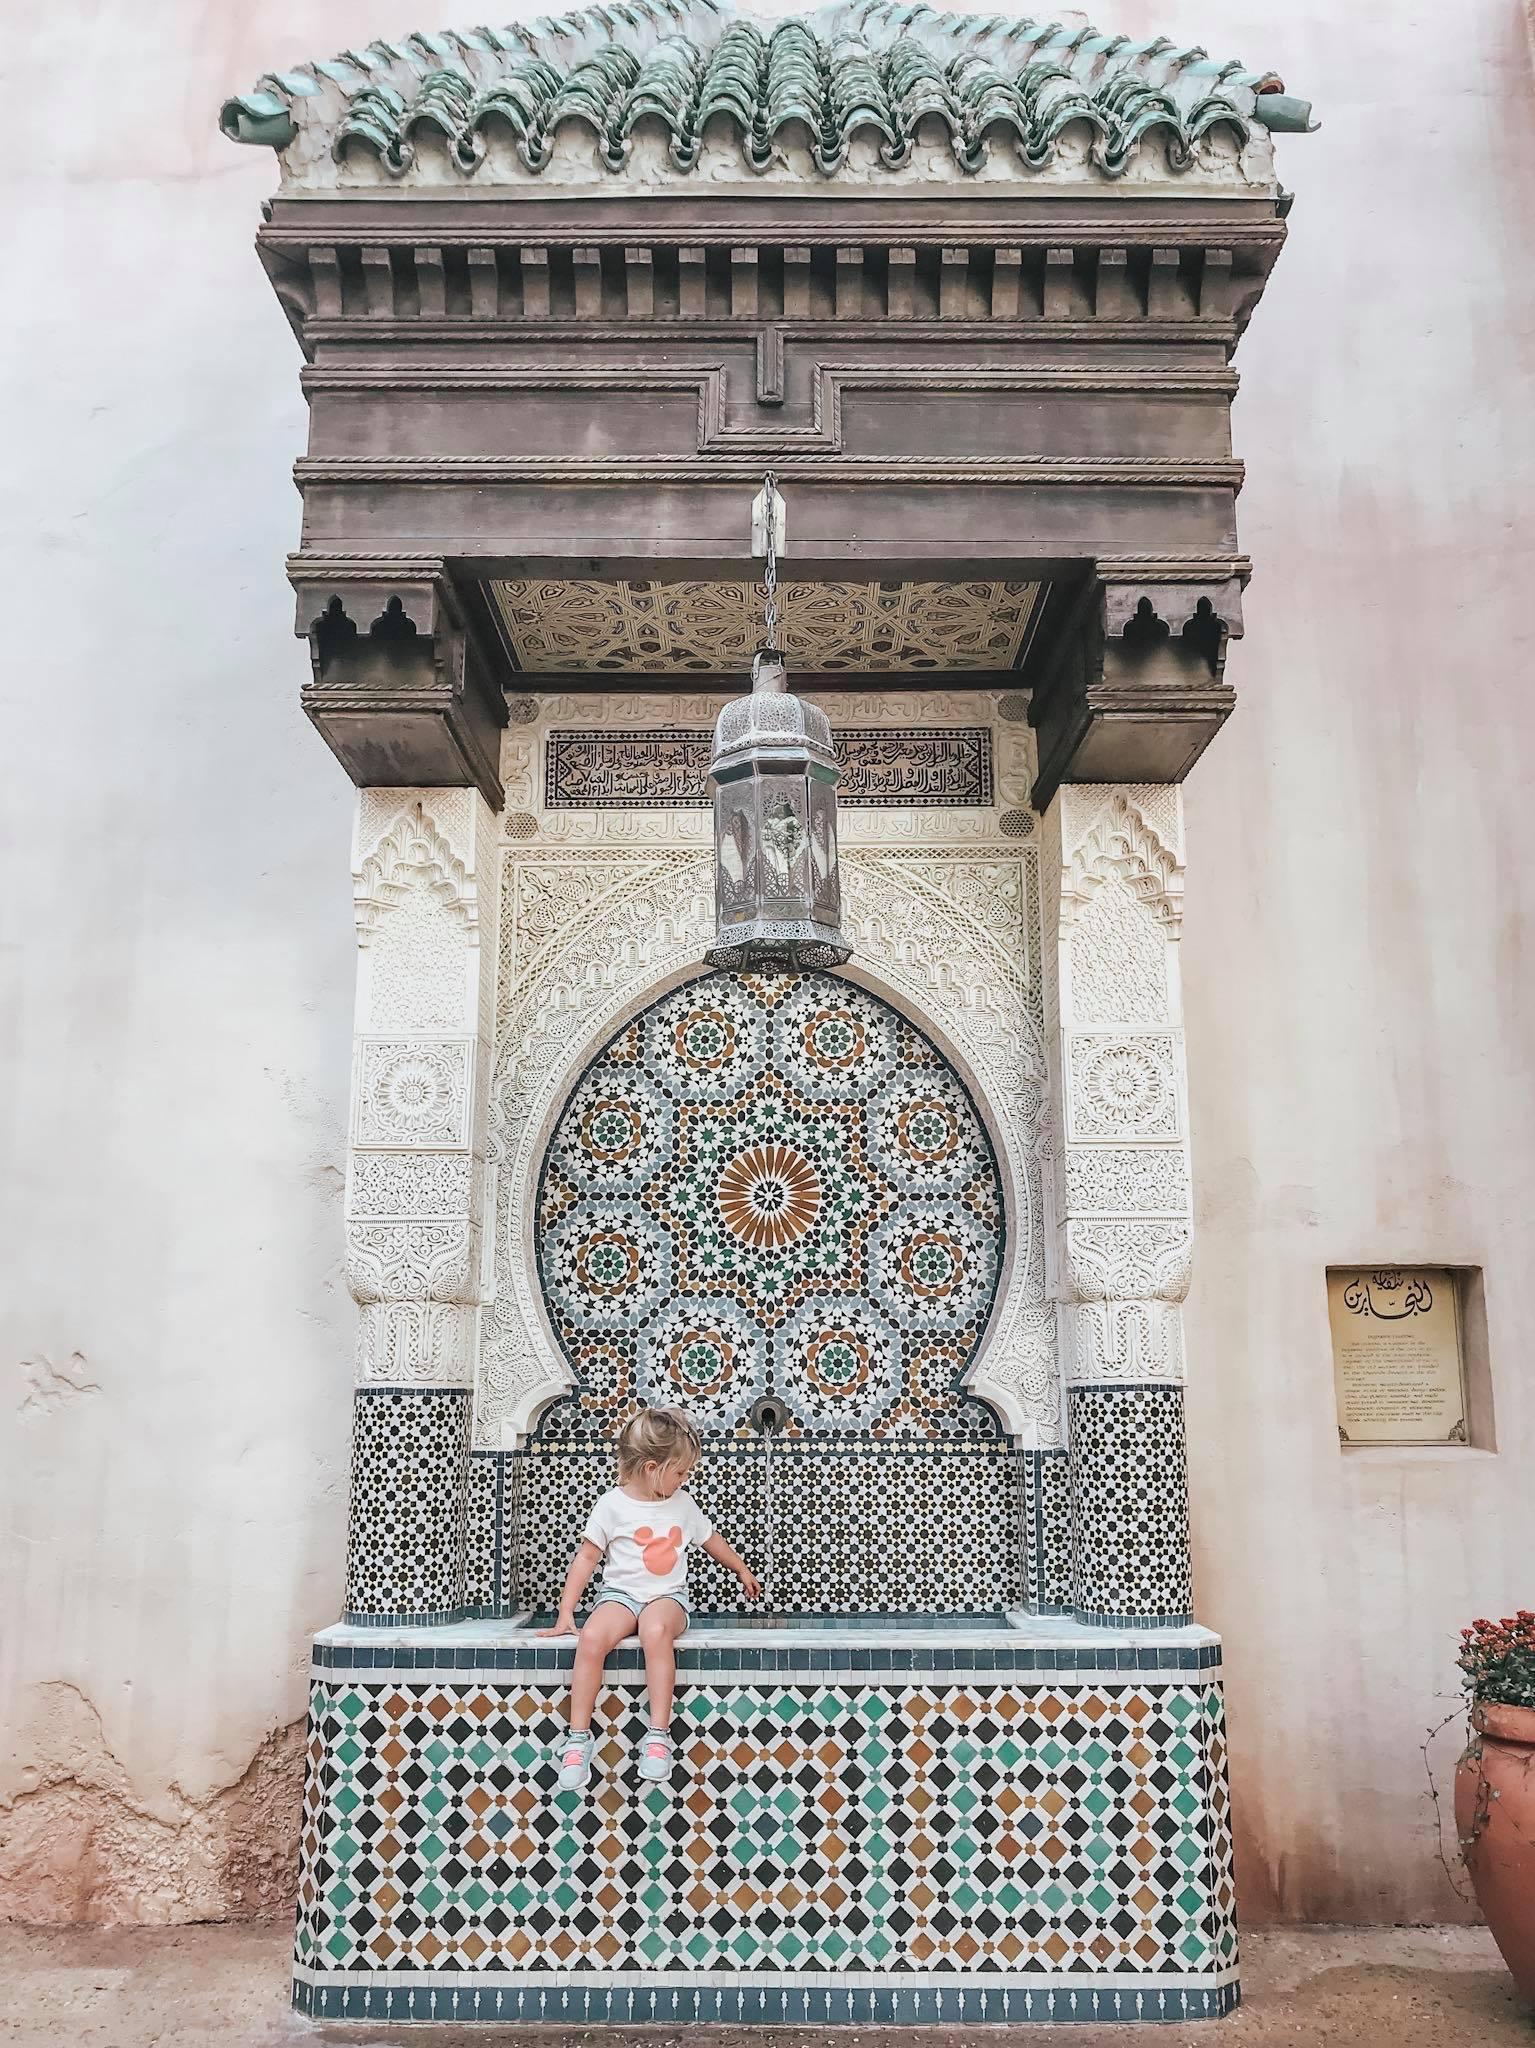 Epcot'S Morocco